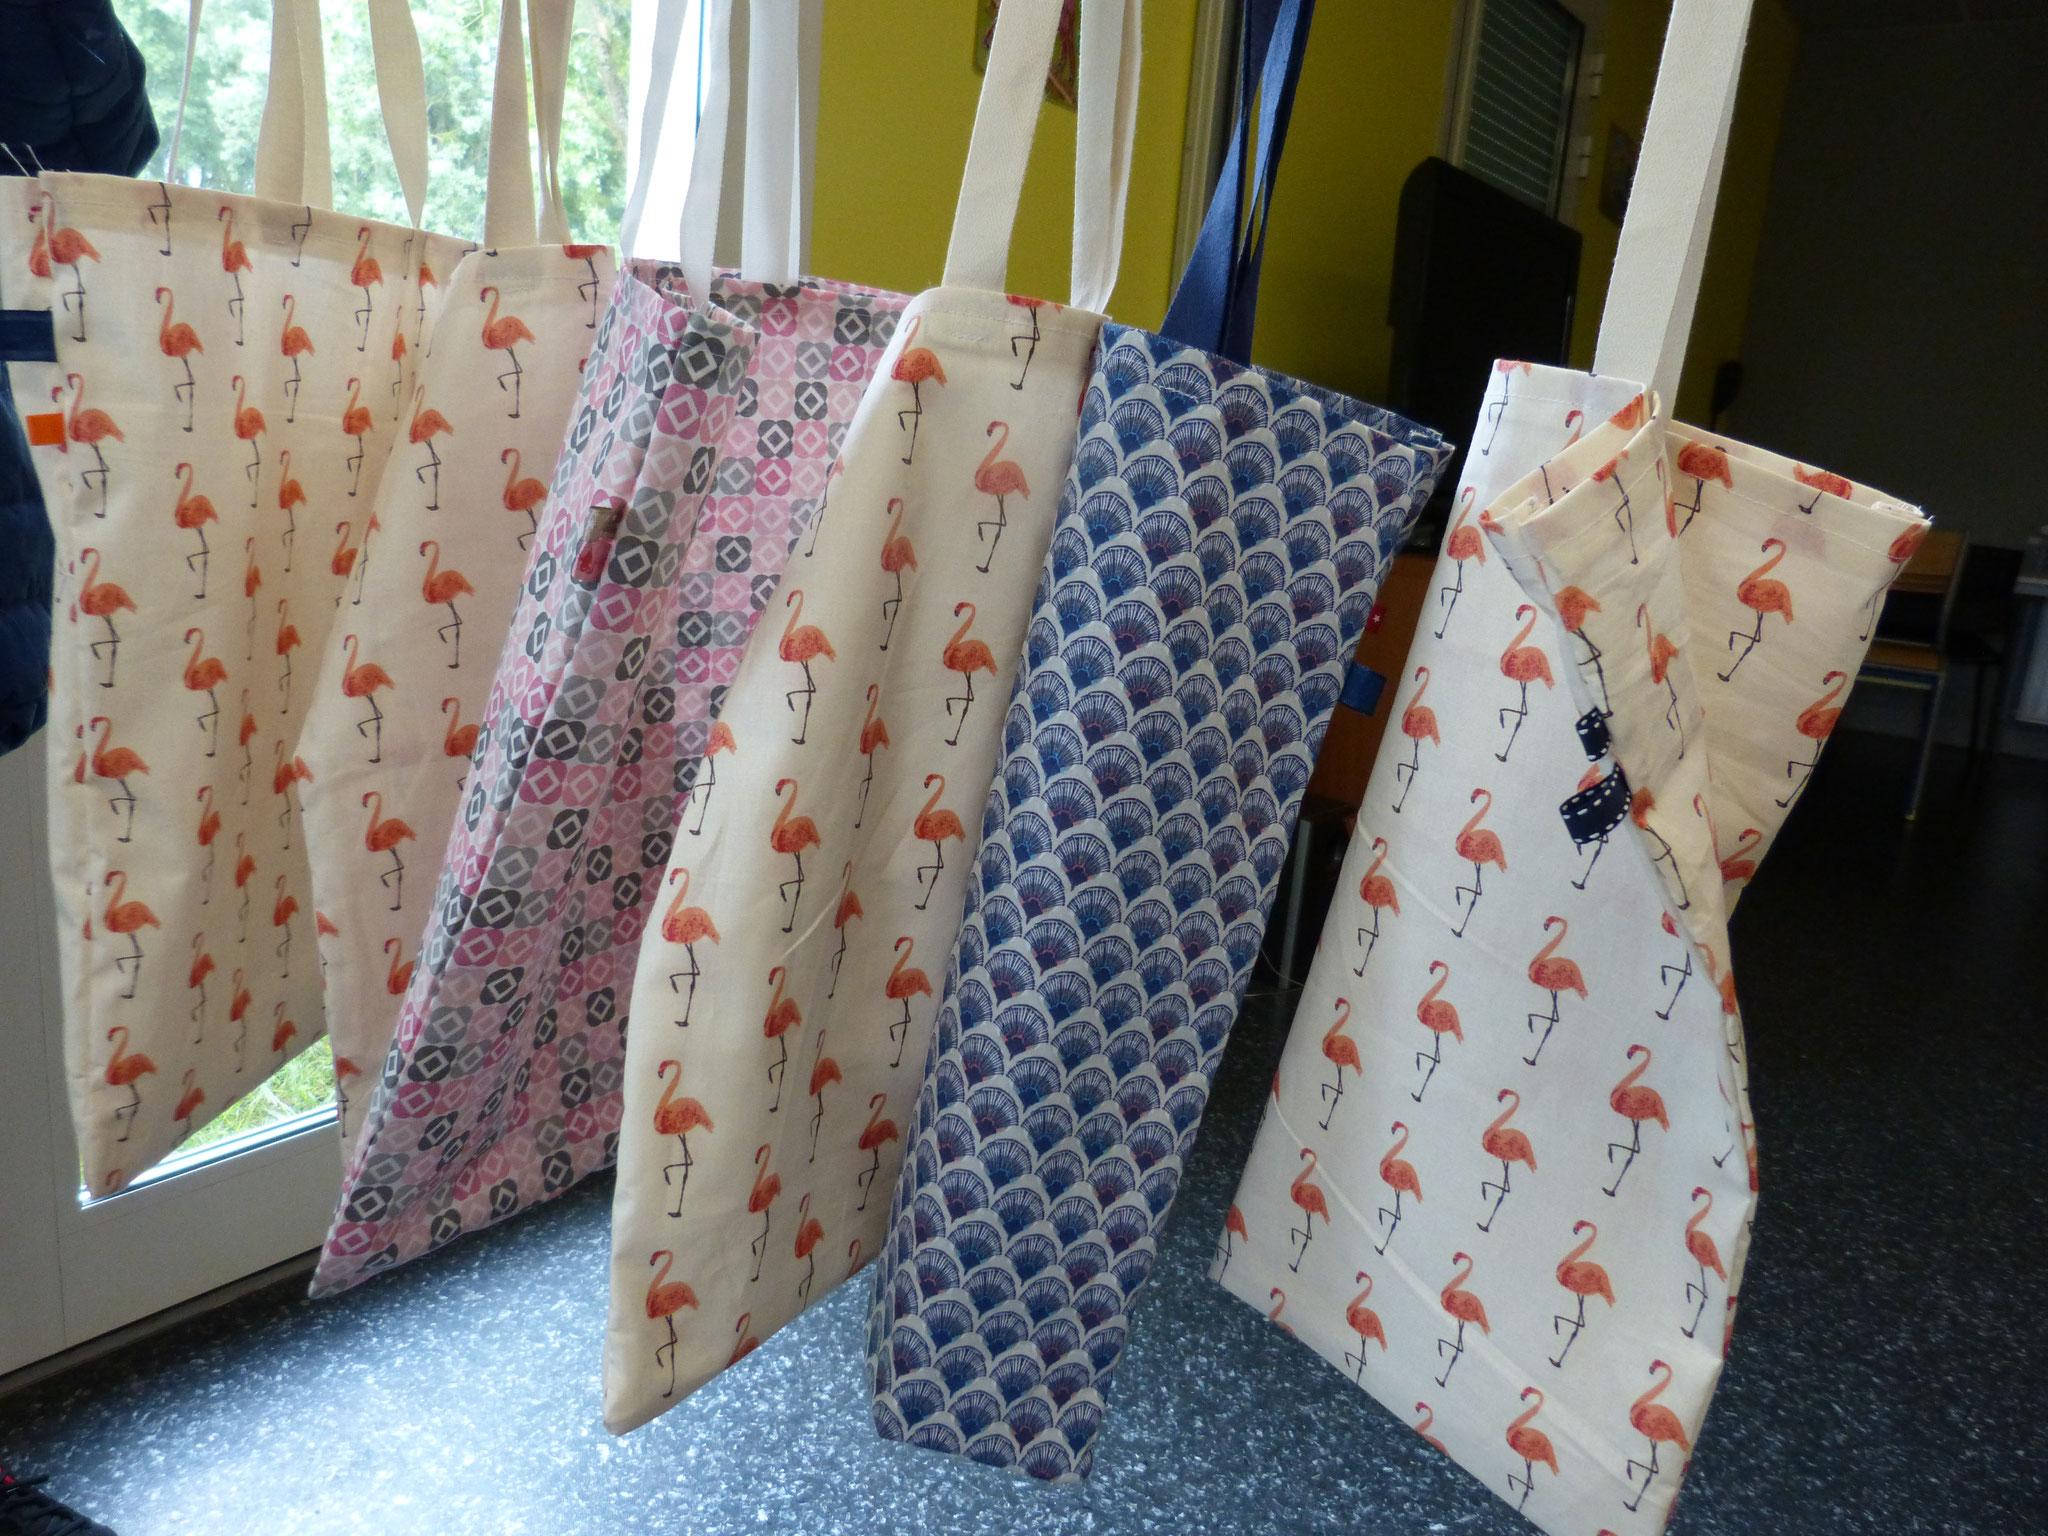 Toutes les idées sont bonnes - confection d'un tote bag